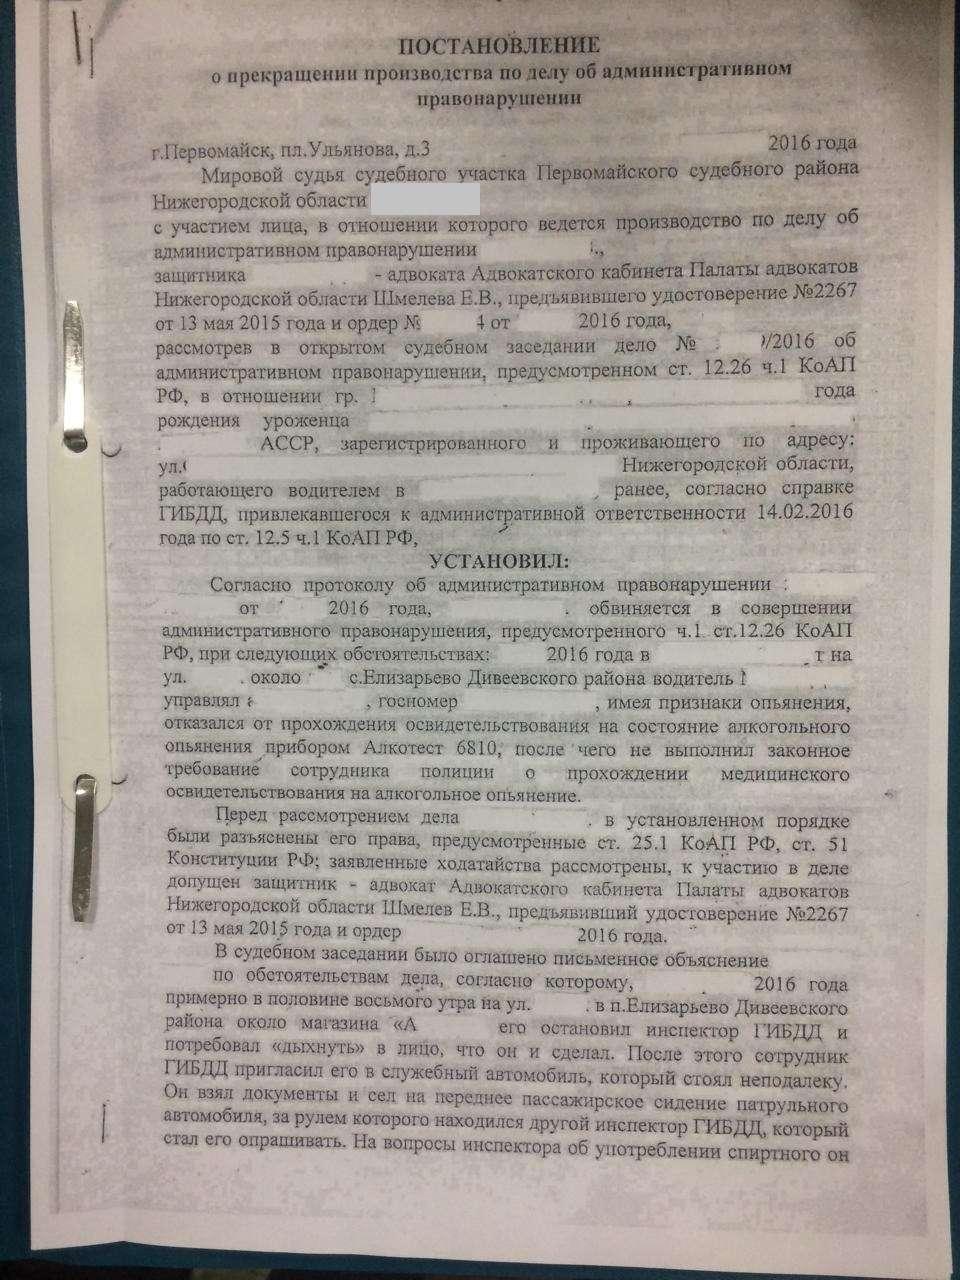 Разводки ГИБДД: как не лишиться прав заотказ отмедосвидетельствования— фото 927380